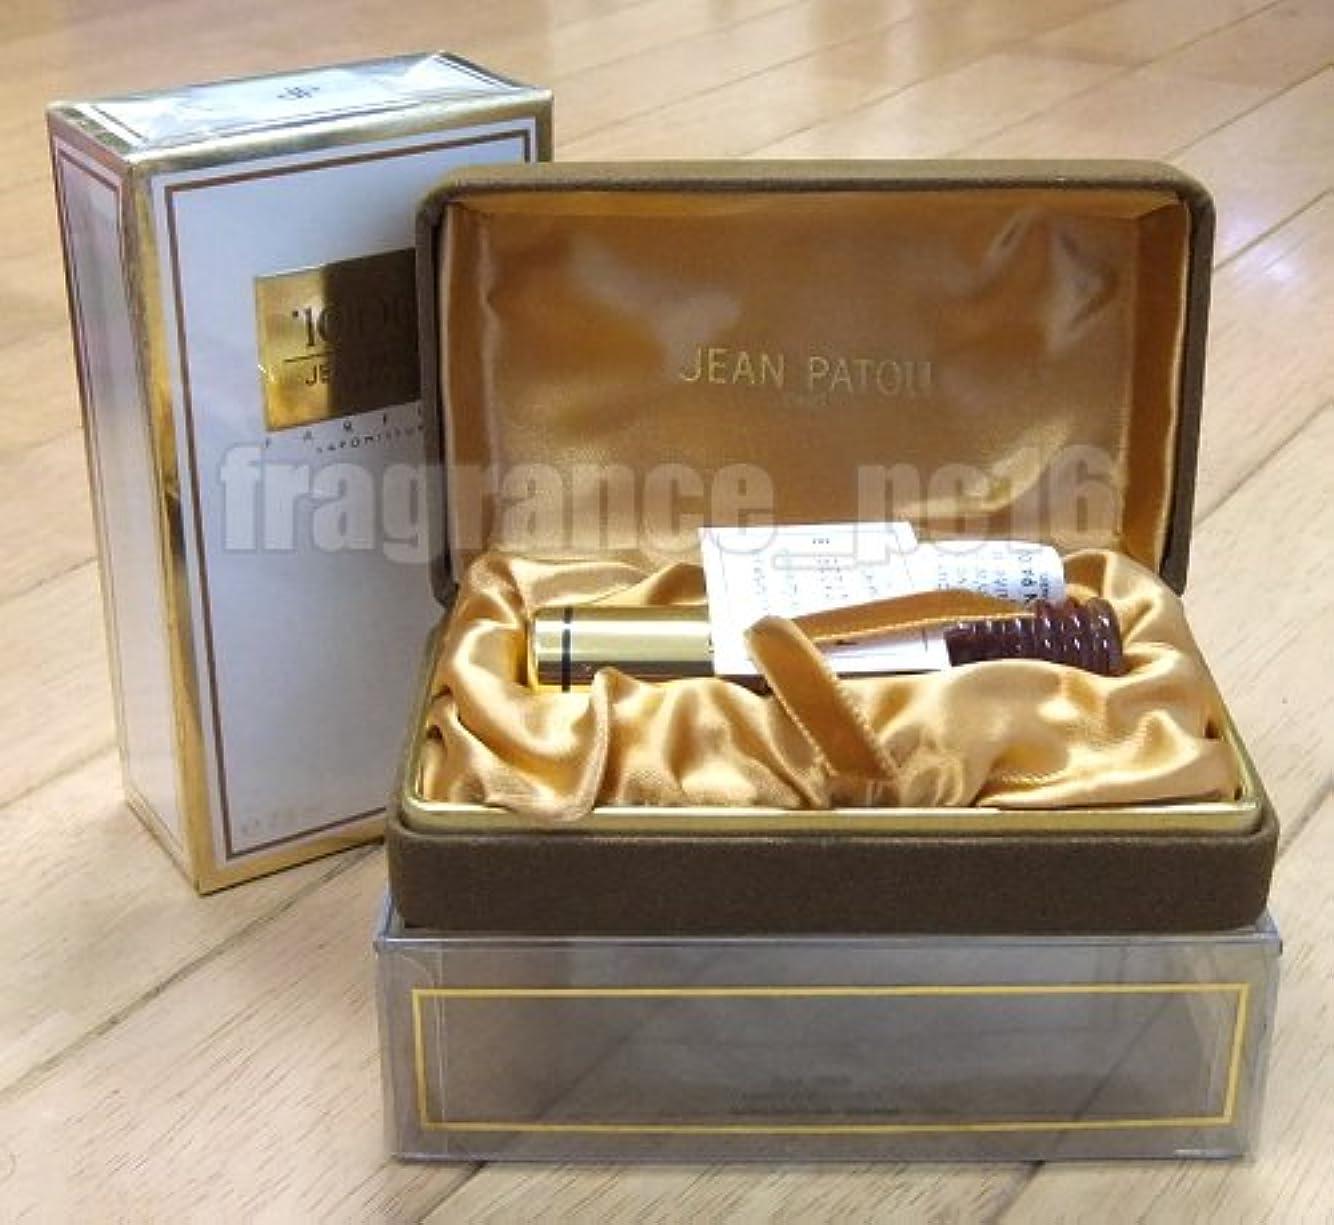 読書何十人もリズムJEAN PATOU ジャンパトゥ ミル 1000 パルファム 7.5ml スプレー (並行輸入) Parfum